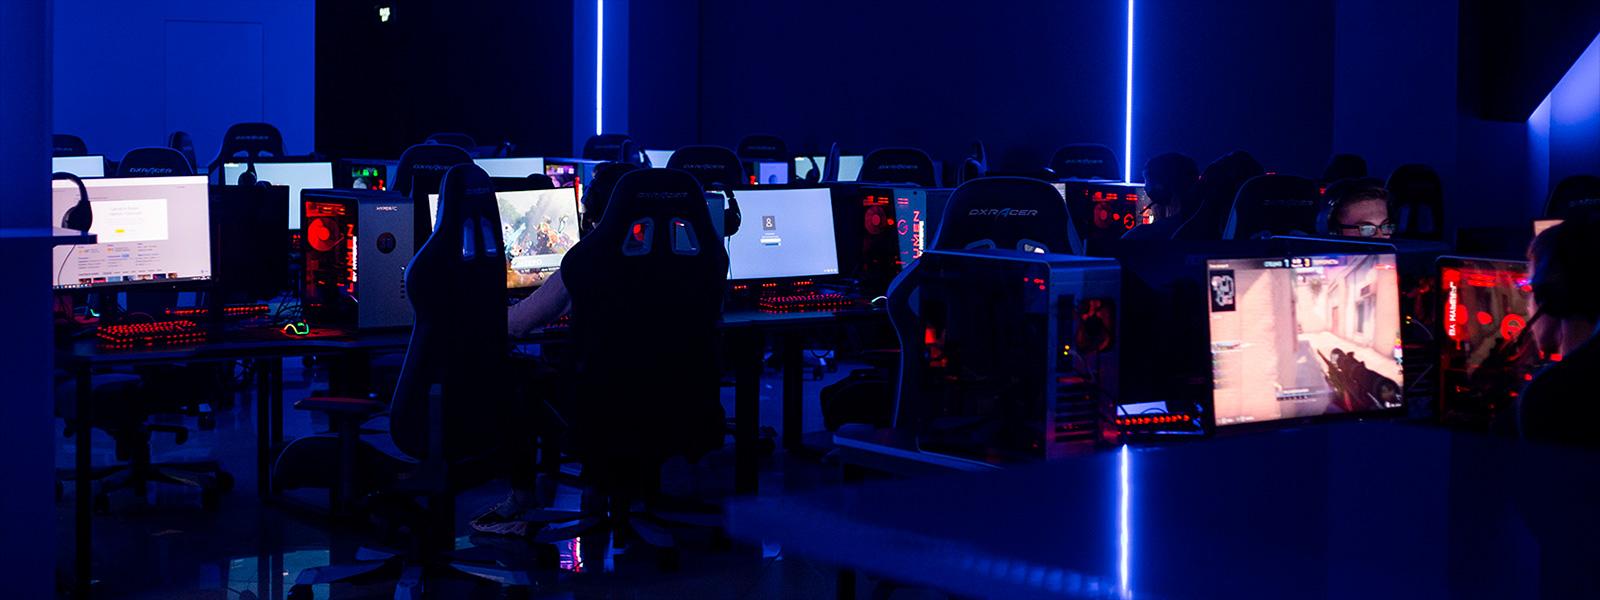 Игровые клубы москвы закрыты стрип женский в клубе